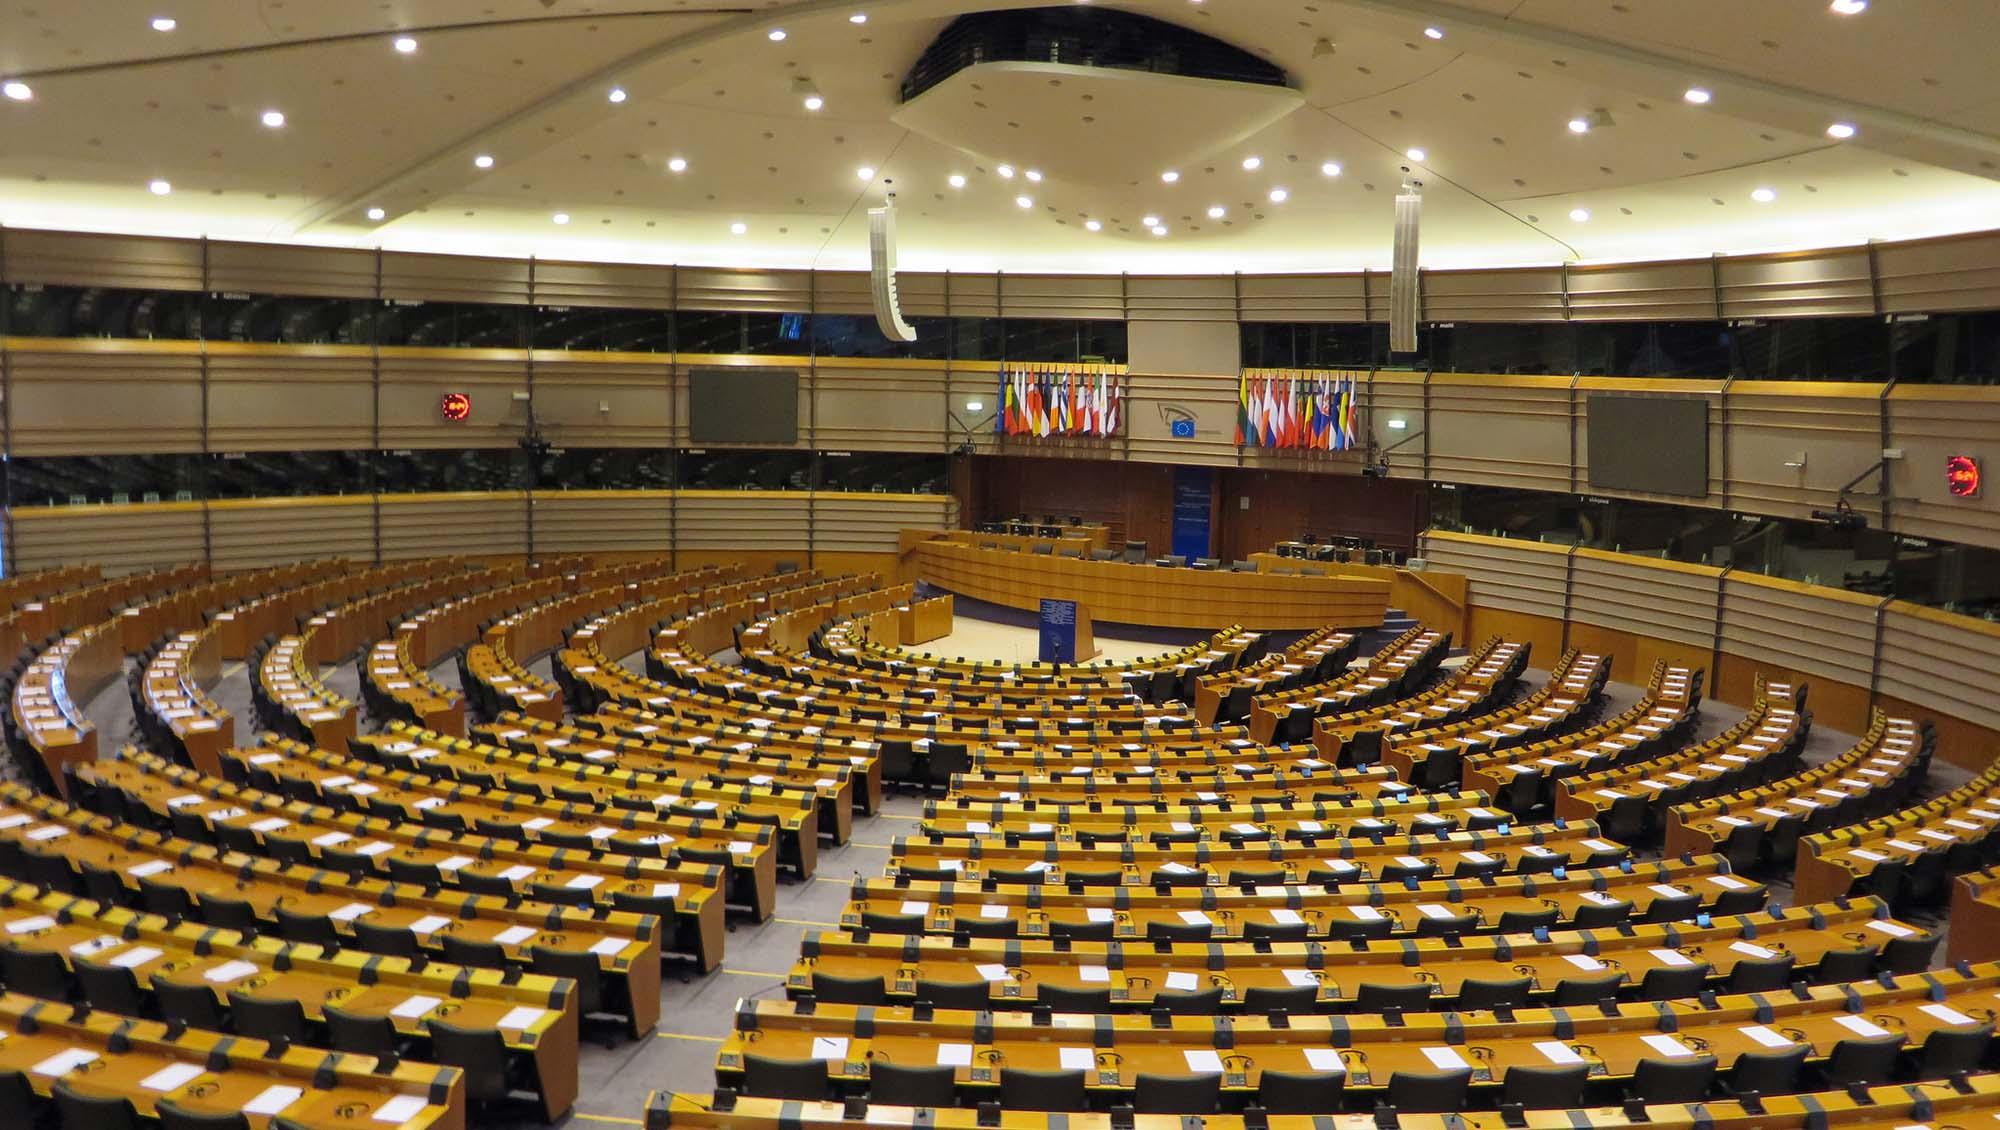 Piratage : l'UE a caché une étude aux conclusions optimistes